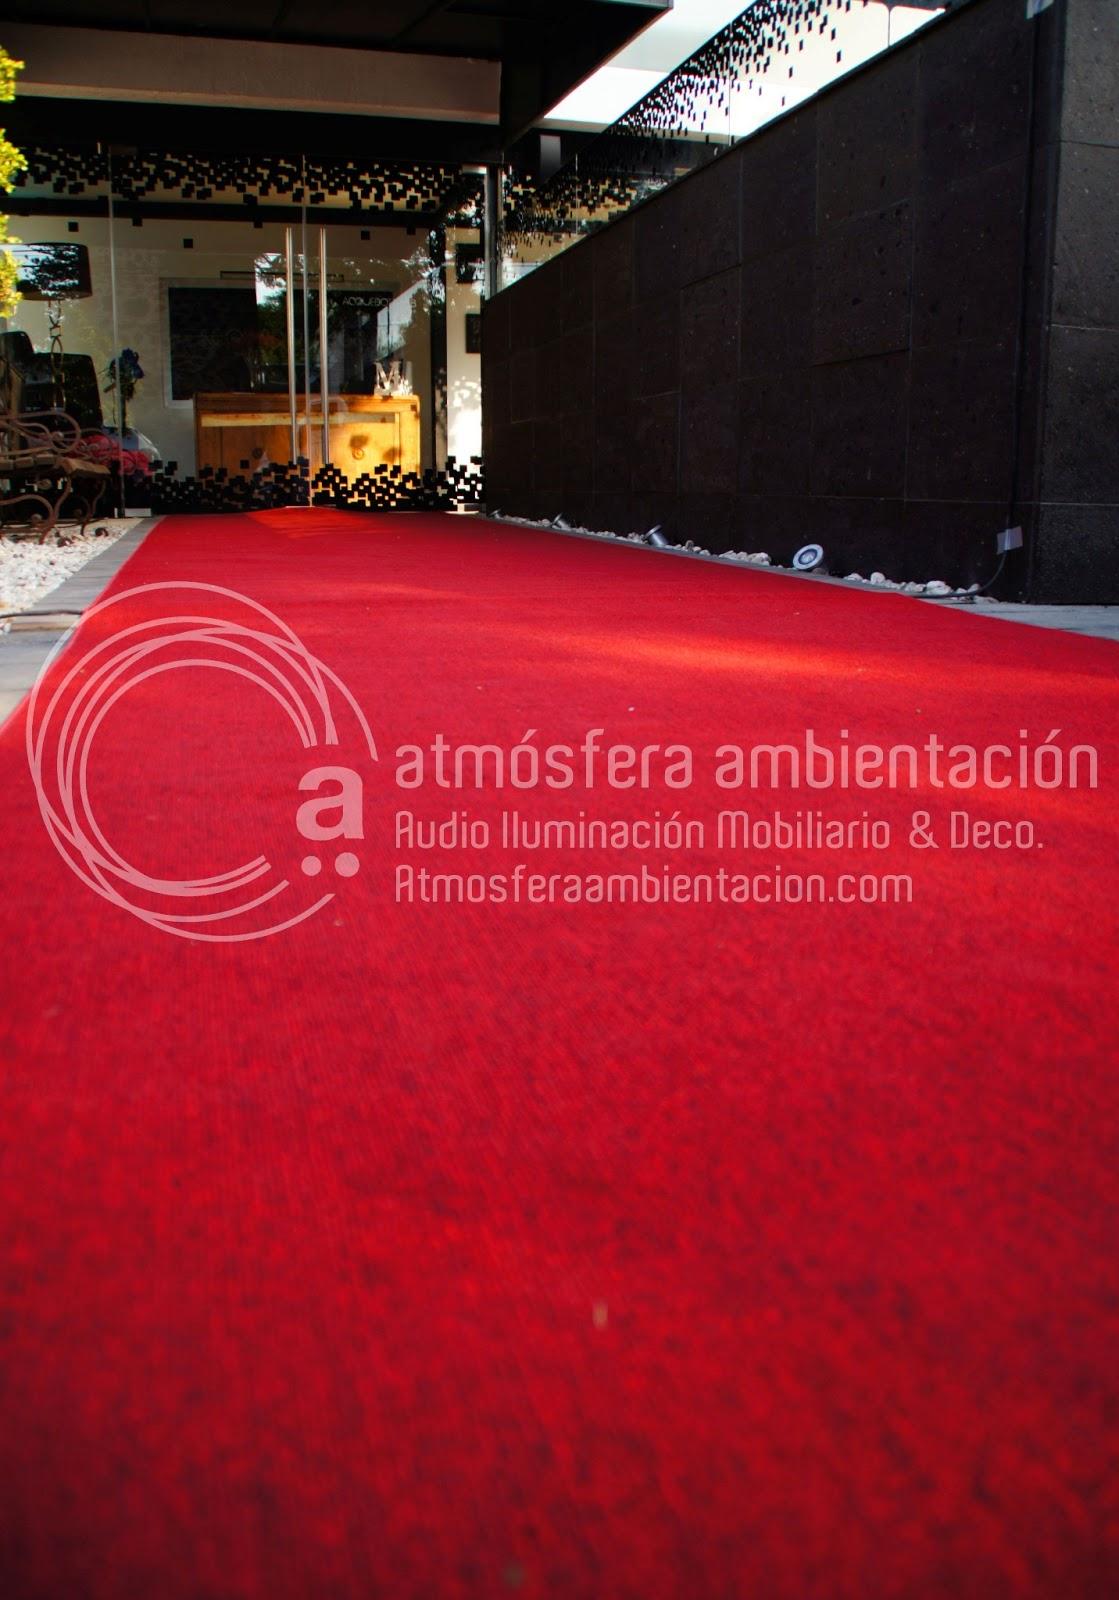 Historia de la alfombra roja en los eventos atm sfera for Origen de alfombra